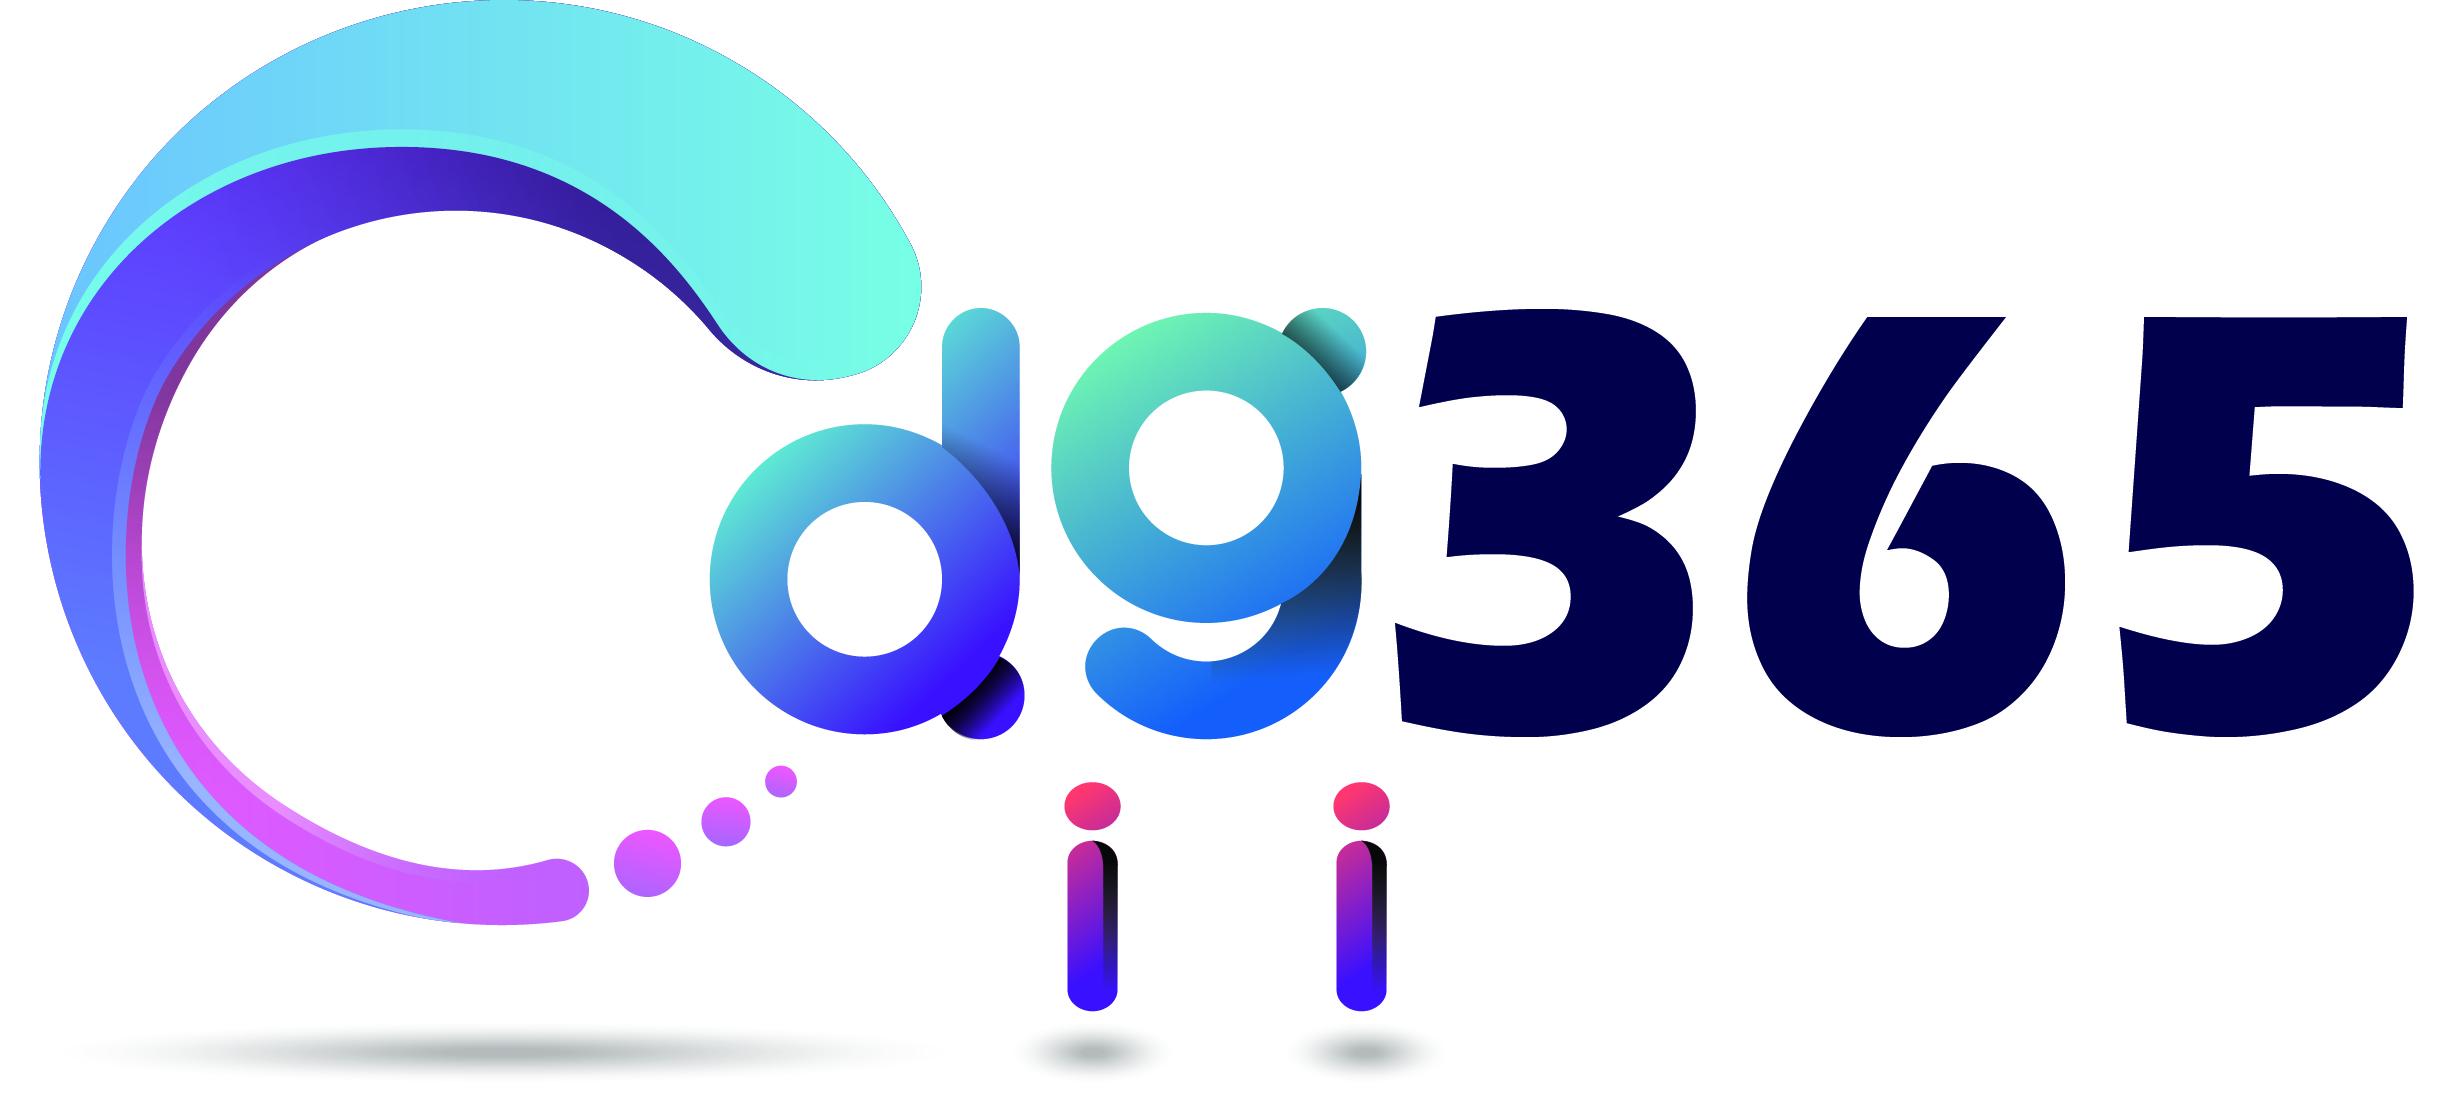 دیجی365 | فروش آنلاین به سادگی هر چه تمام